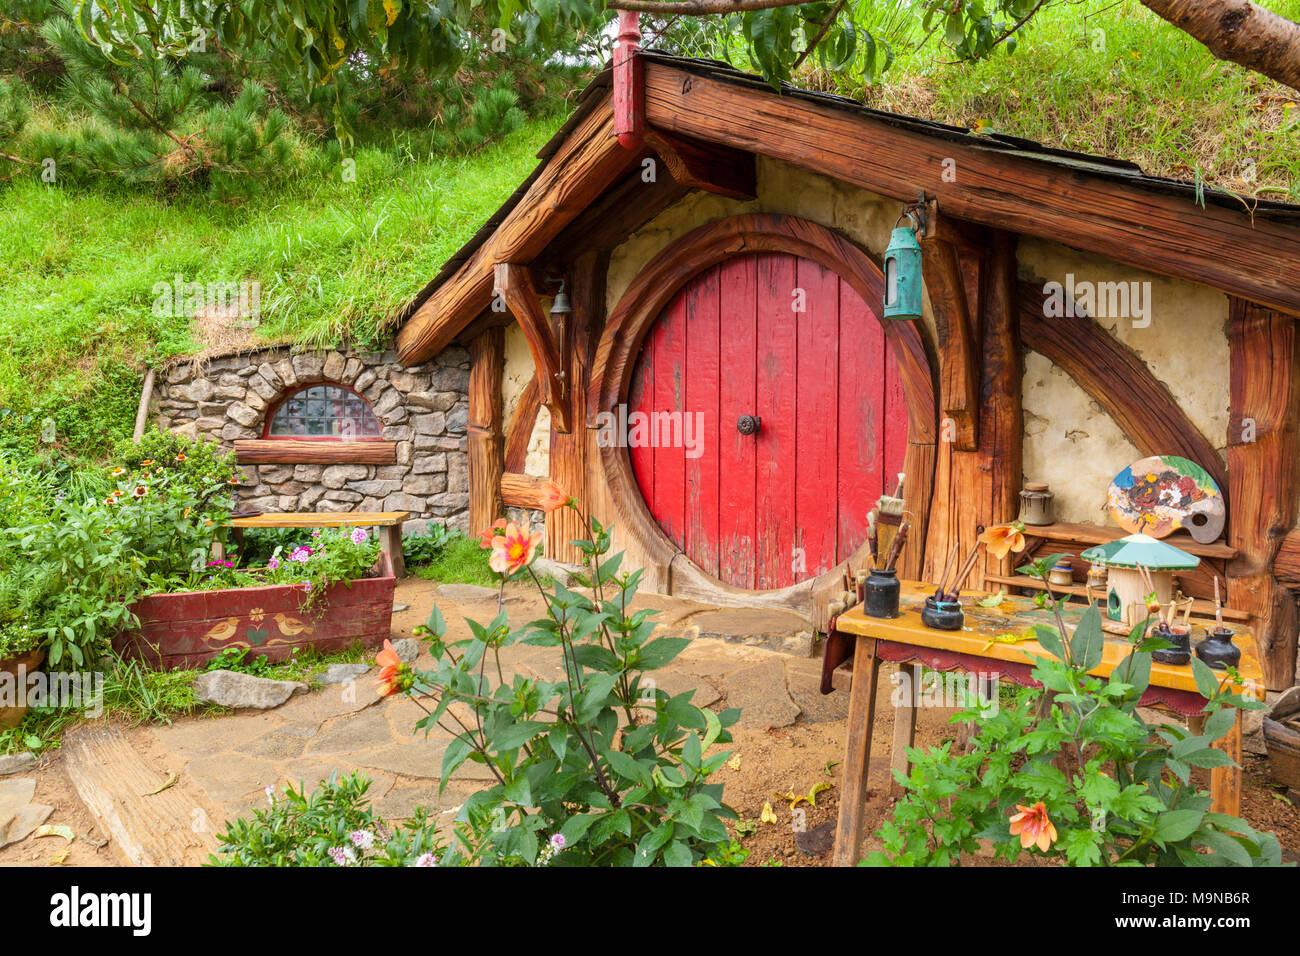 Nuova Zelanda Hobbiton Nuova Zelanda Matamata Hobbiton set cinematografico fictional del villaggio di Hobbiton in shire da The Hobbit e Il signore degli anelli libri Immagini Stock